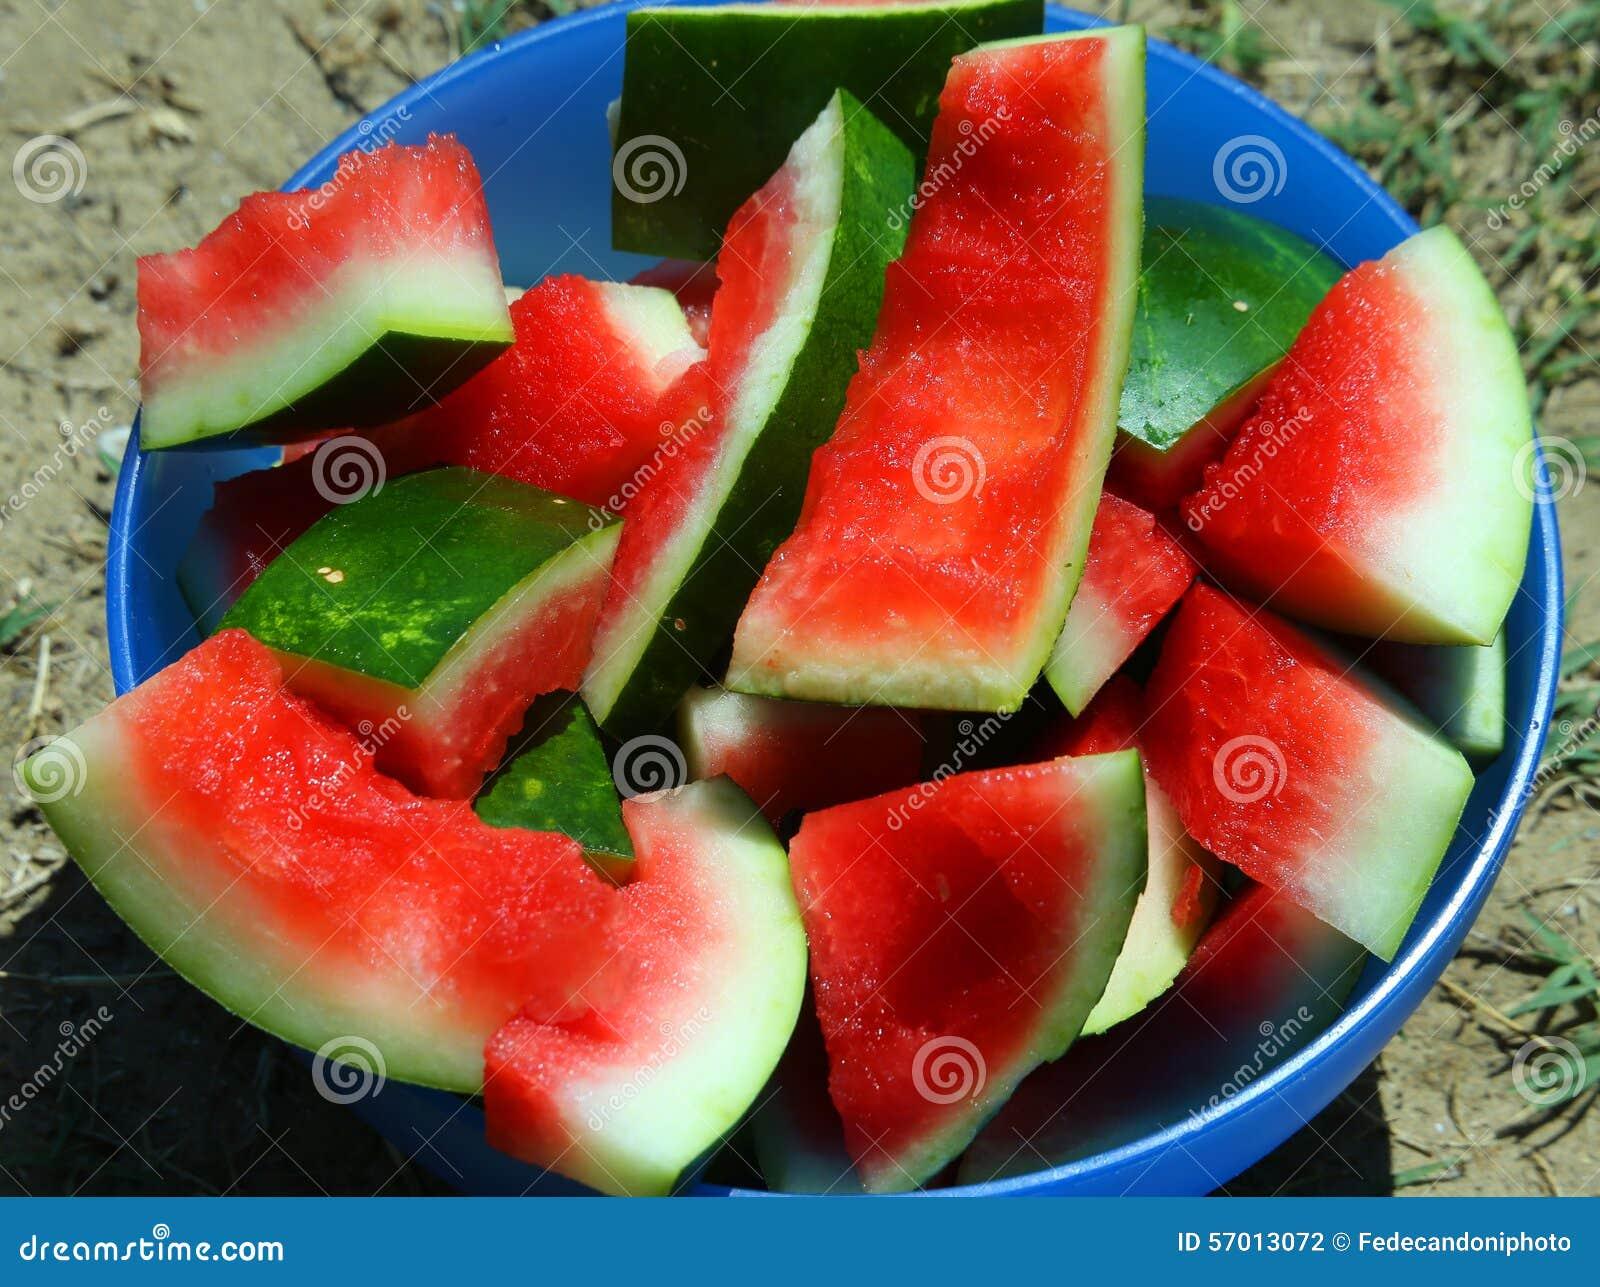 Casca da melancia comida no verão no Sun